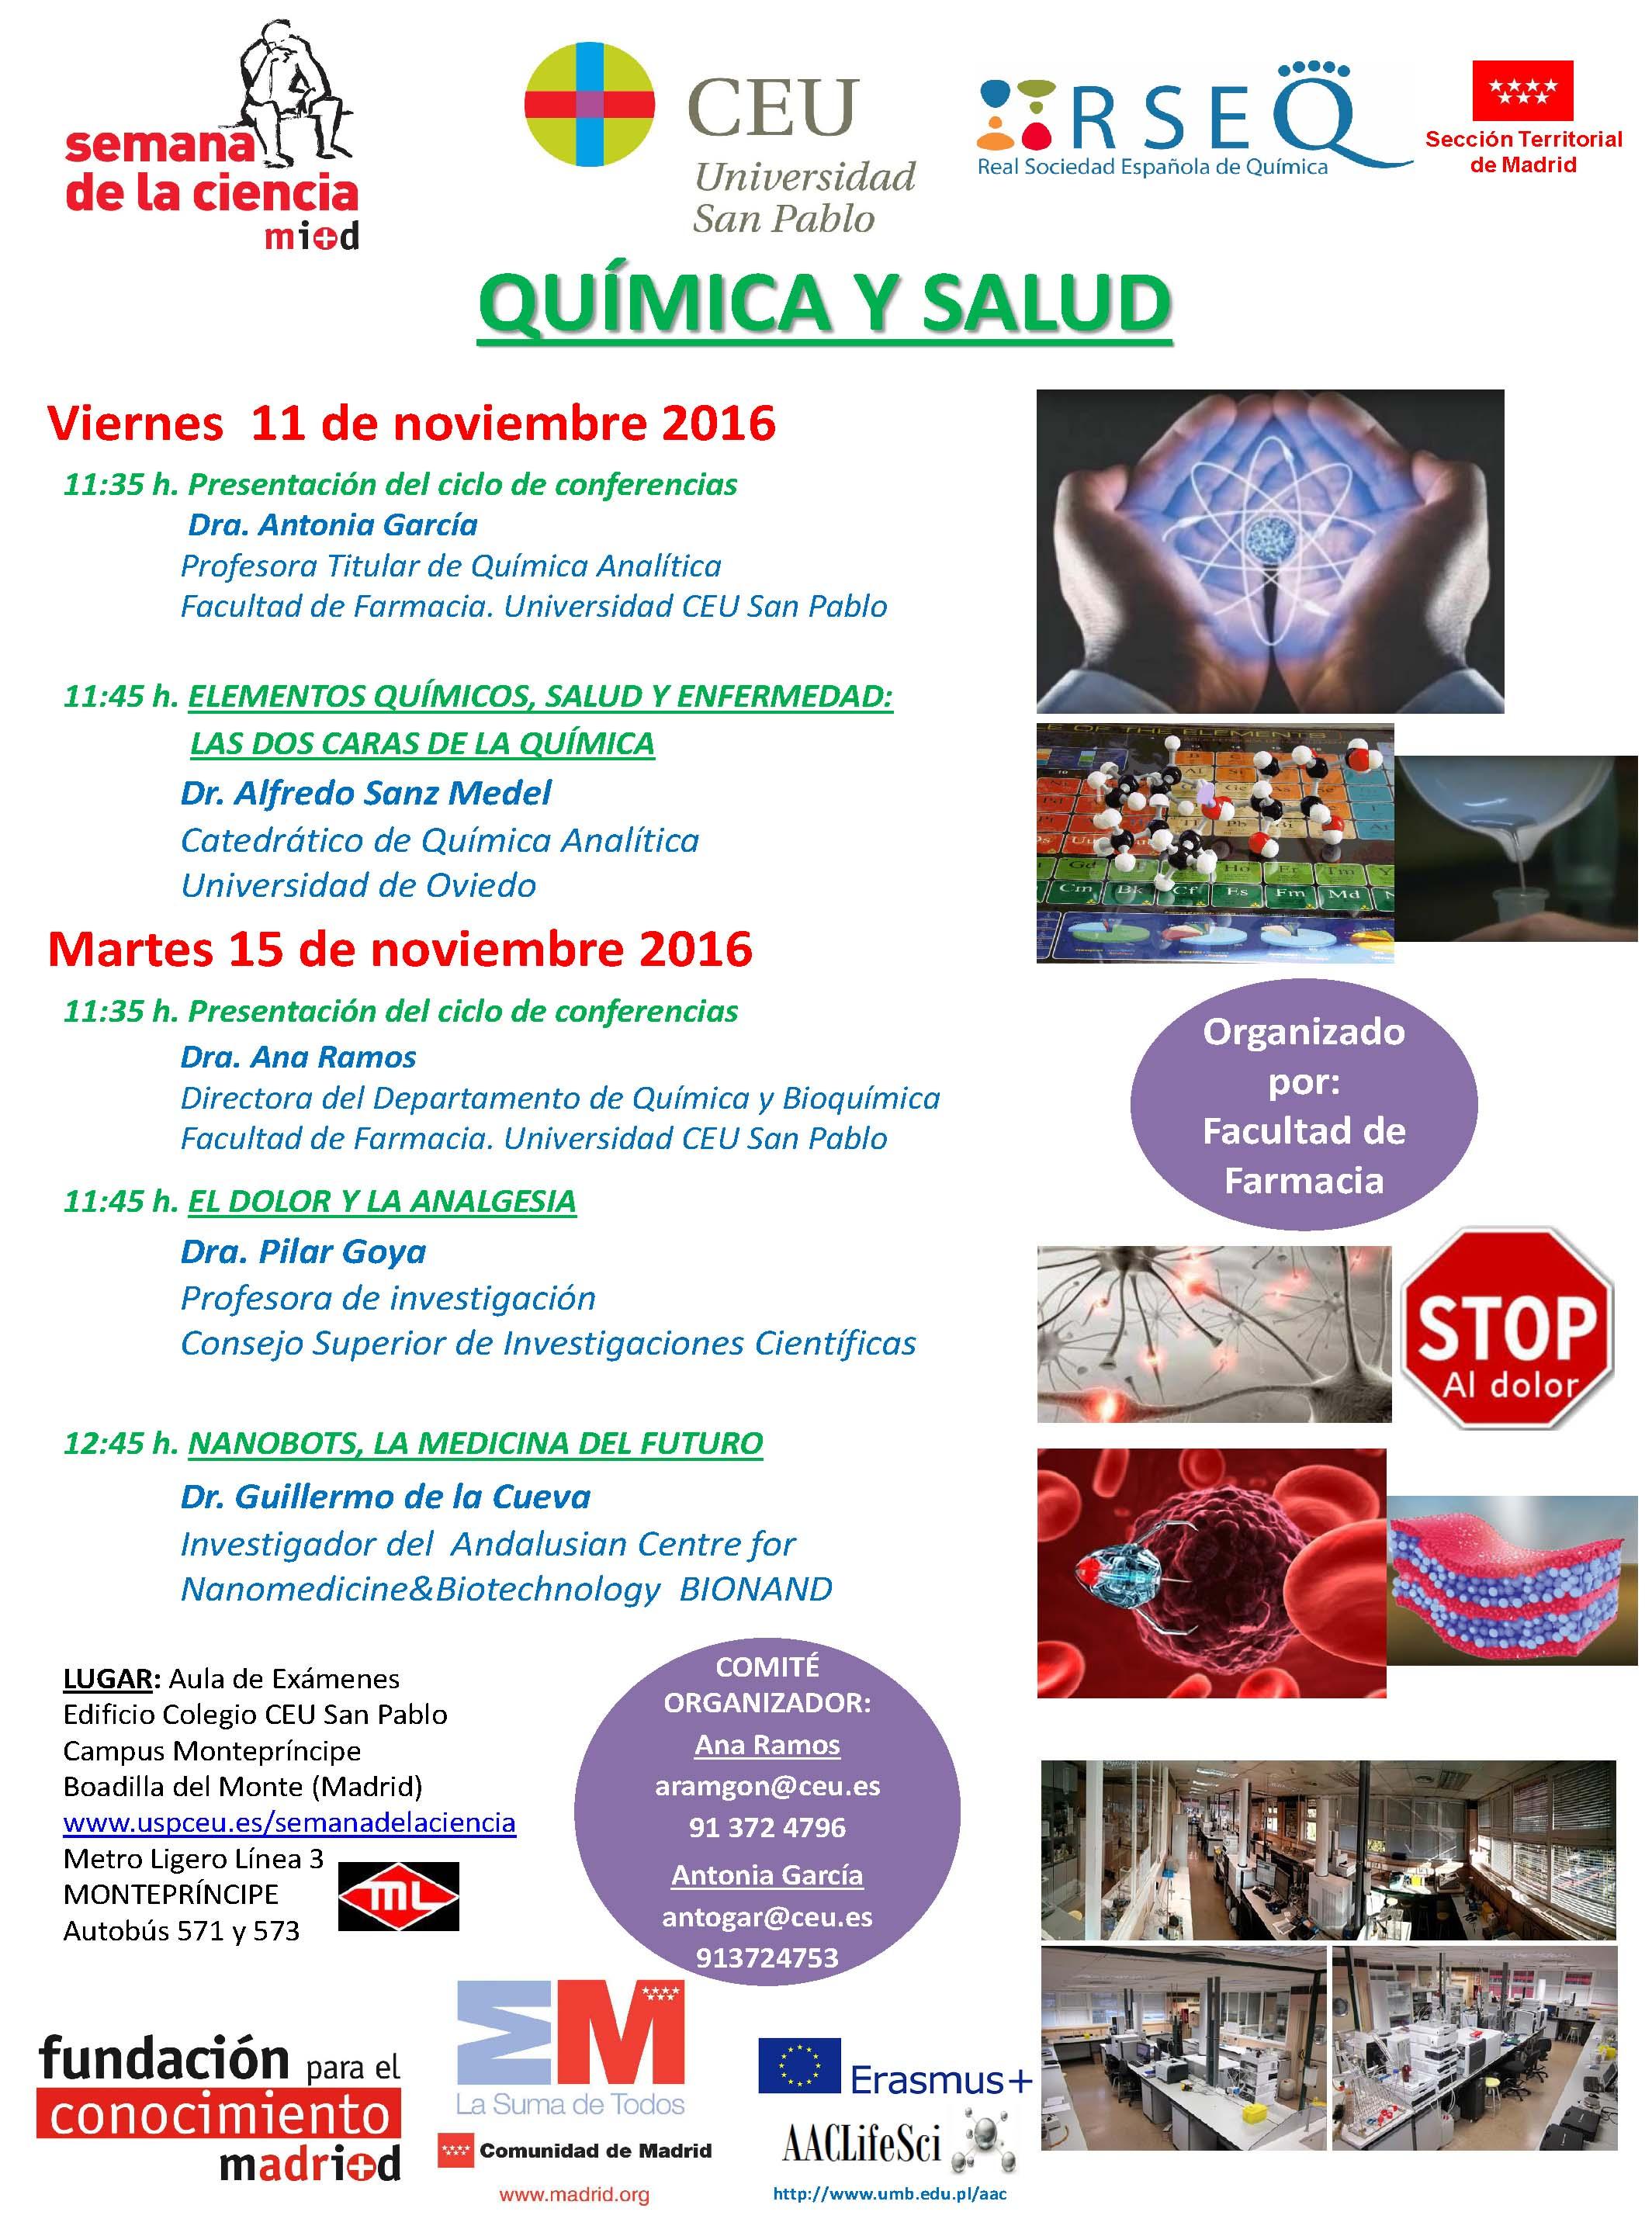 Semana ciencia 2016. QUIMICA Y SALUD